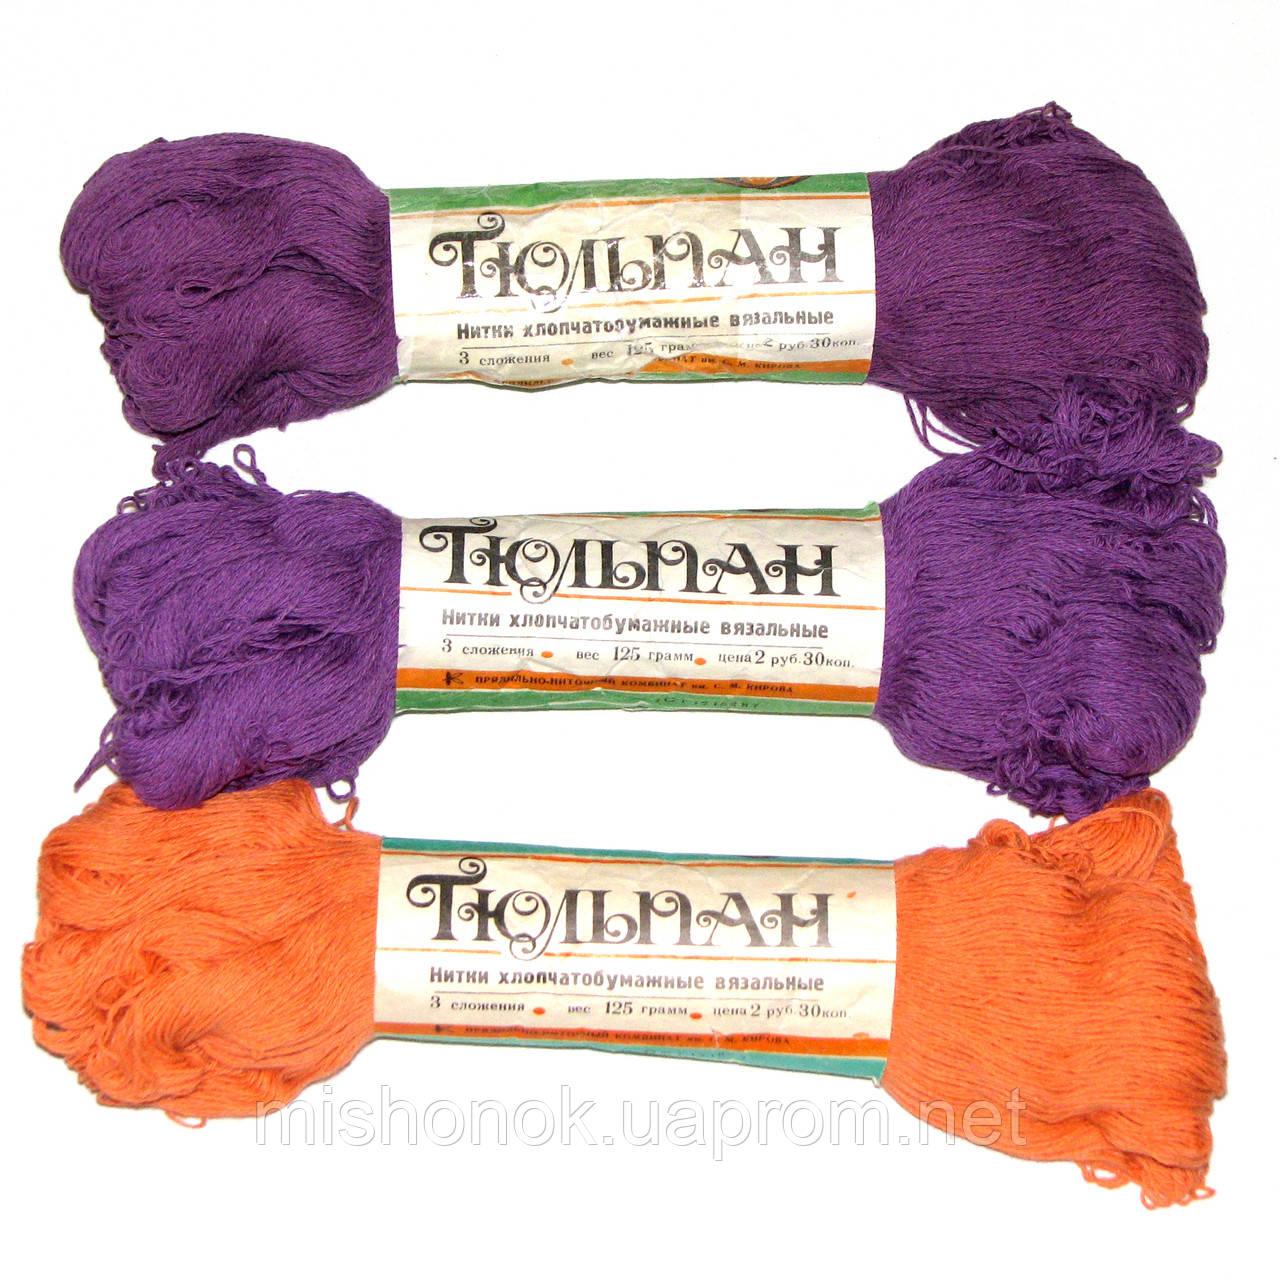 остатки пряжи хлопковые нитки для вязания спицами крючком цвет